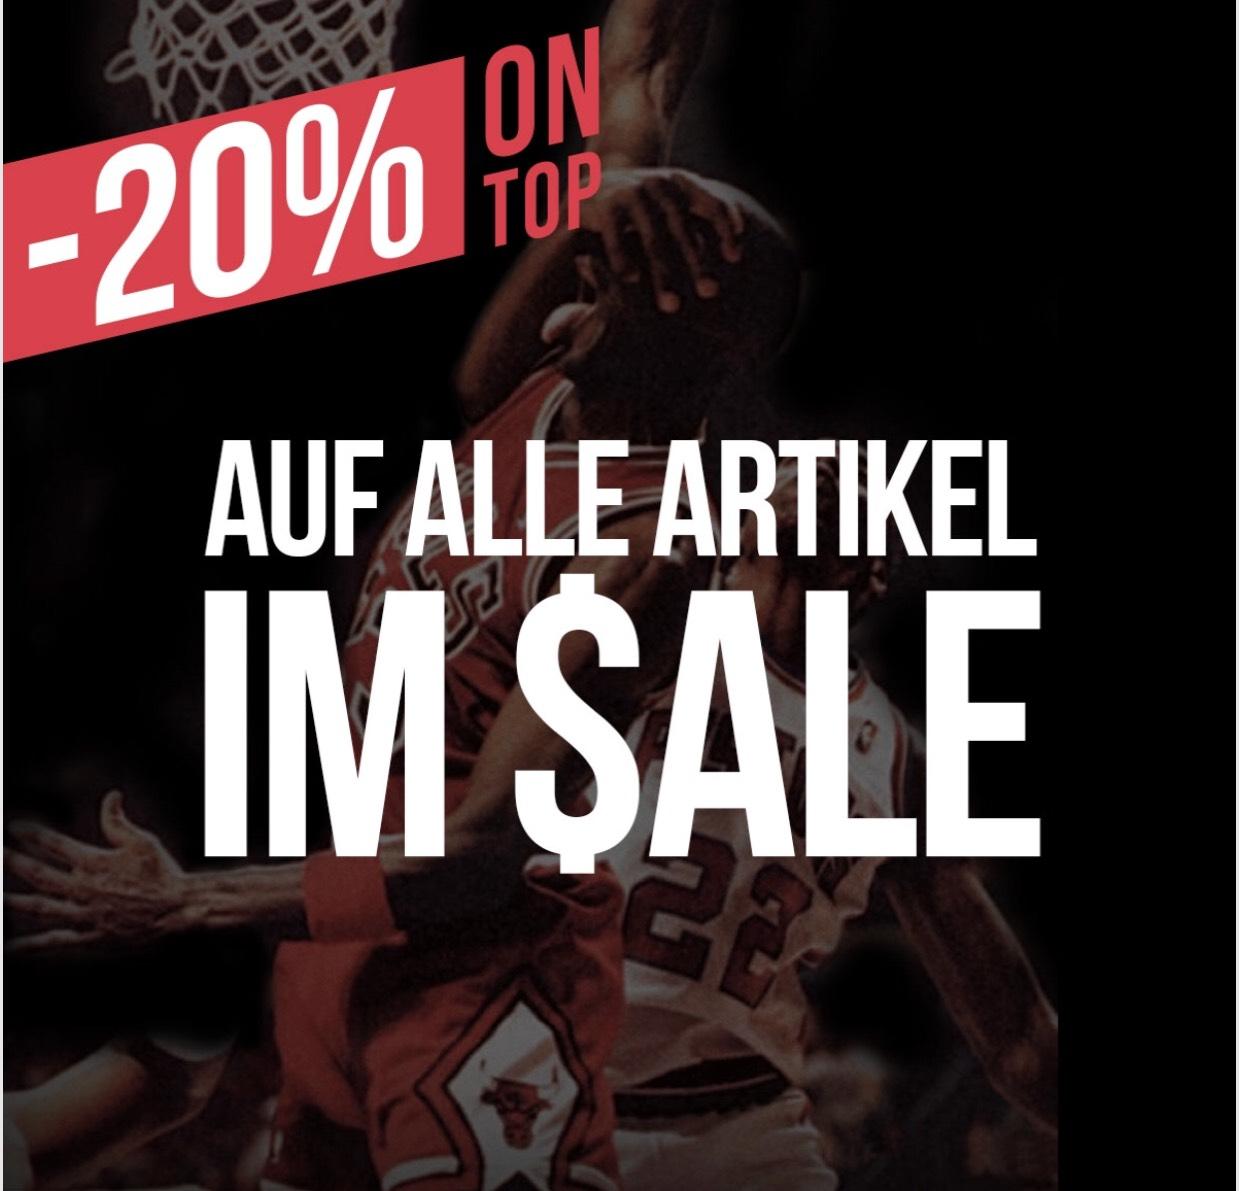 Kickz - 20% extra auf ALLE bereits reduzierten Artikel! Nike,Adidas usw.